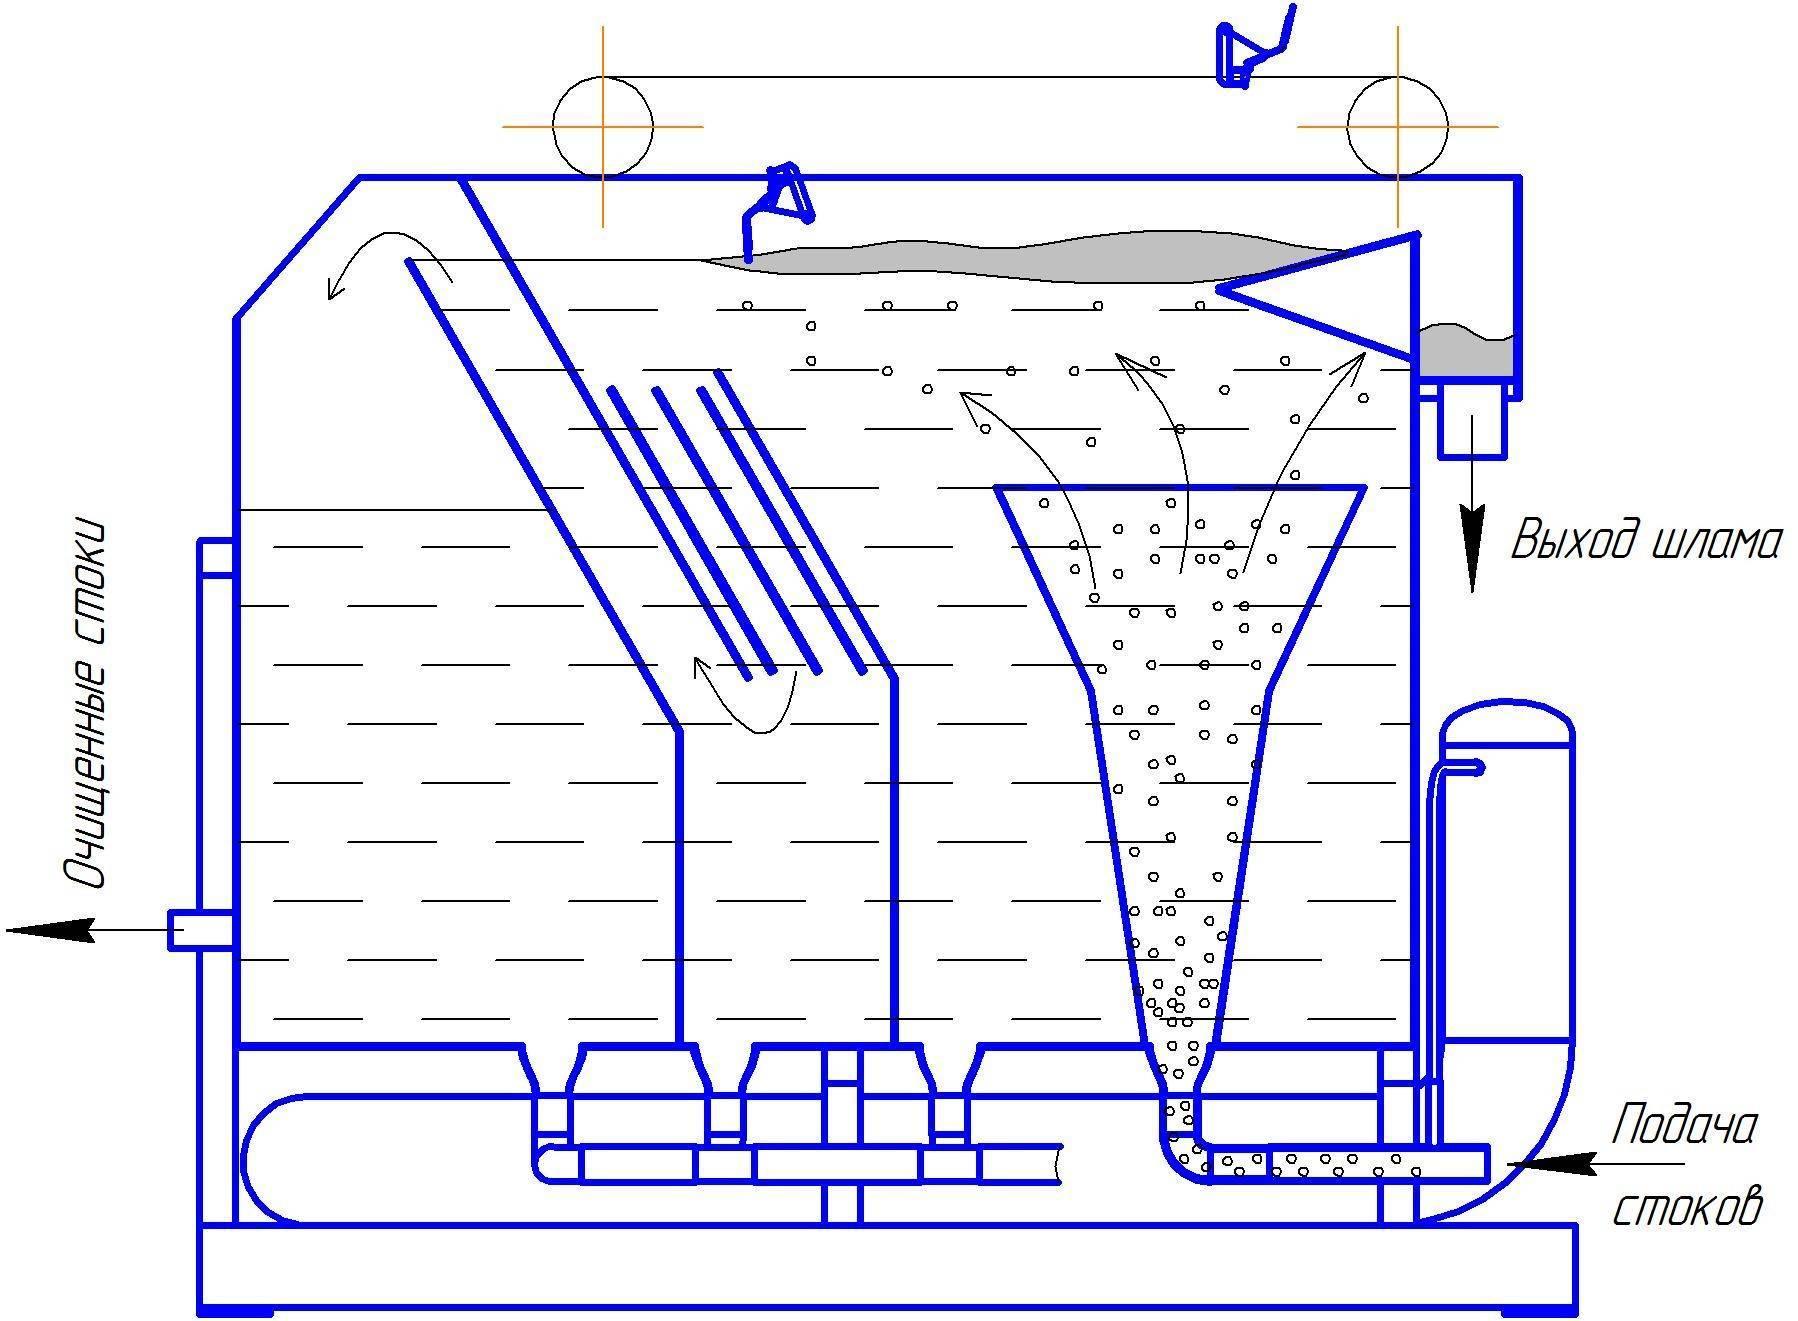 Флотация это: флотационная установка для очистки сточных вод и расчет флотатора, принцип и метод флотации это